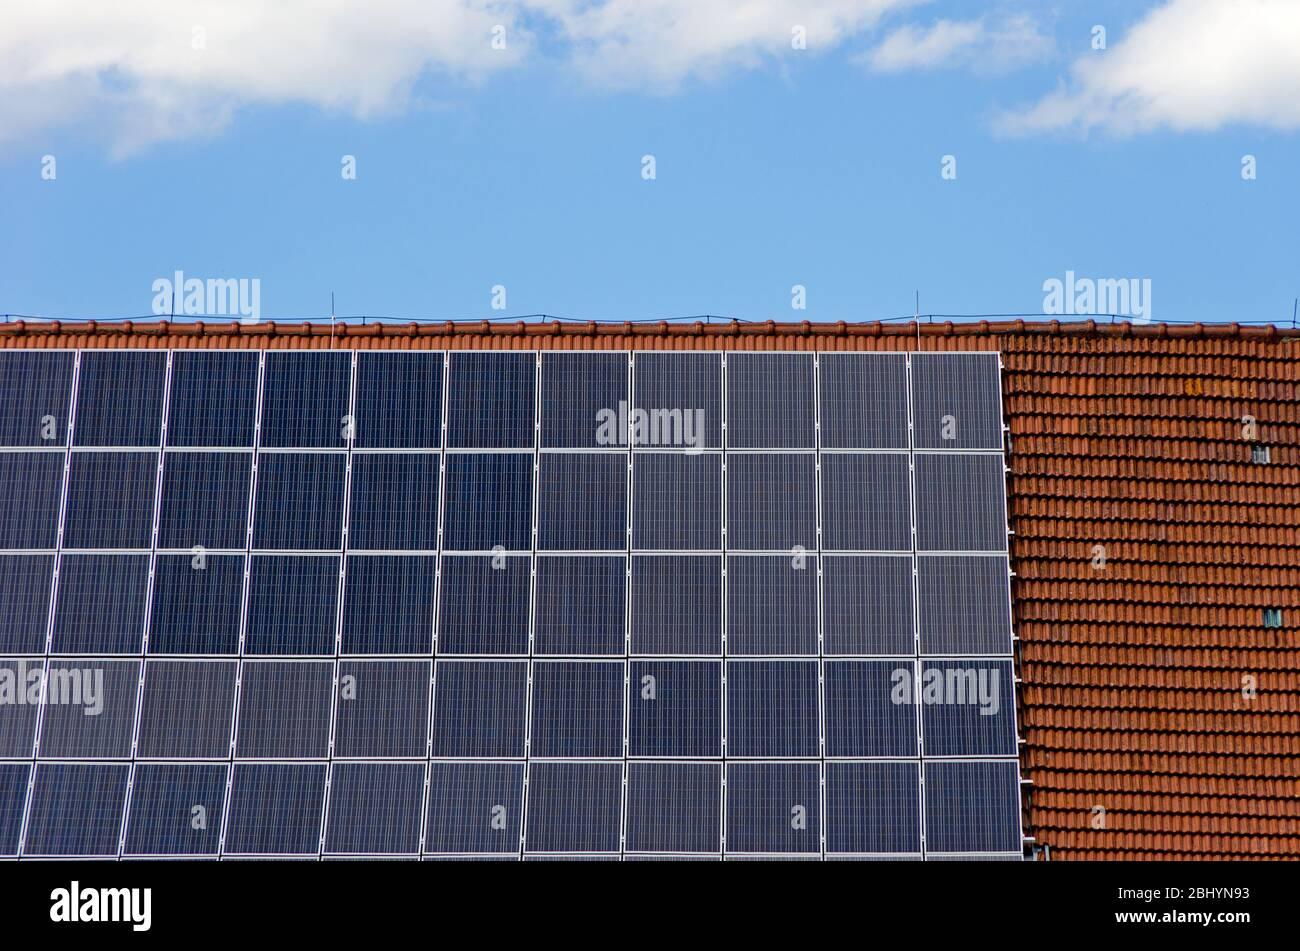 Photovoltaik-Anlage - kleine Solaranlage zur Selbstversorgung auf einem Hausdach. Stockfoto